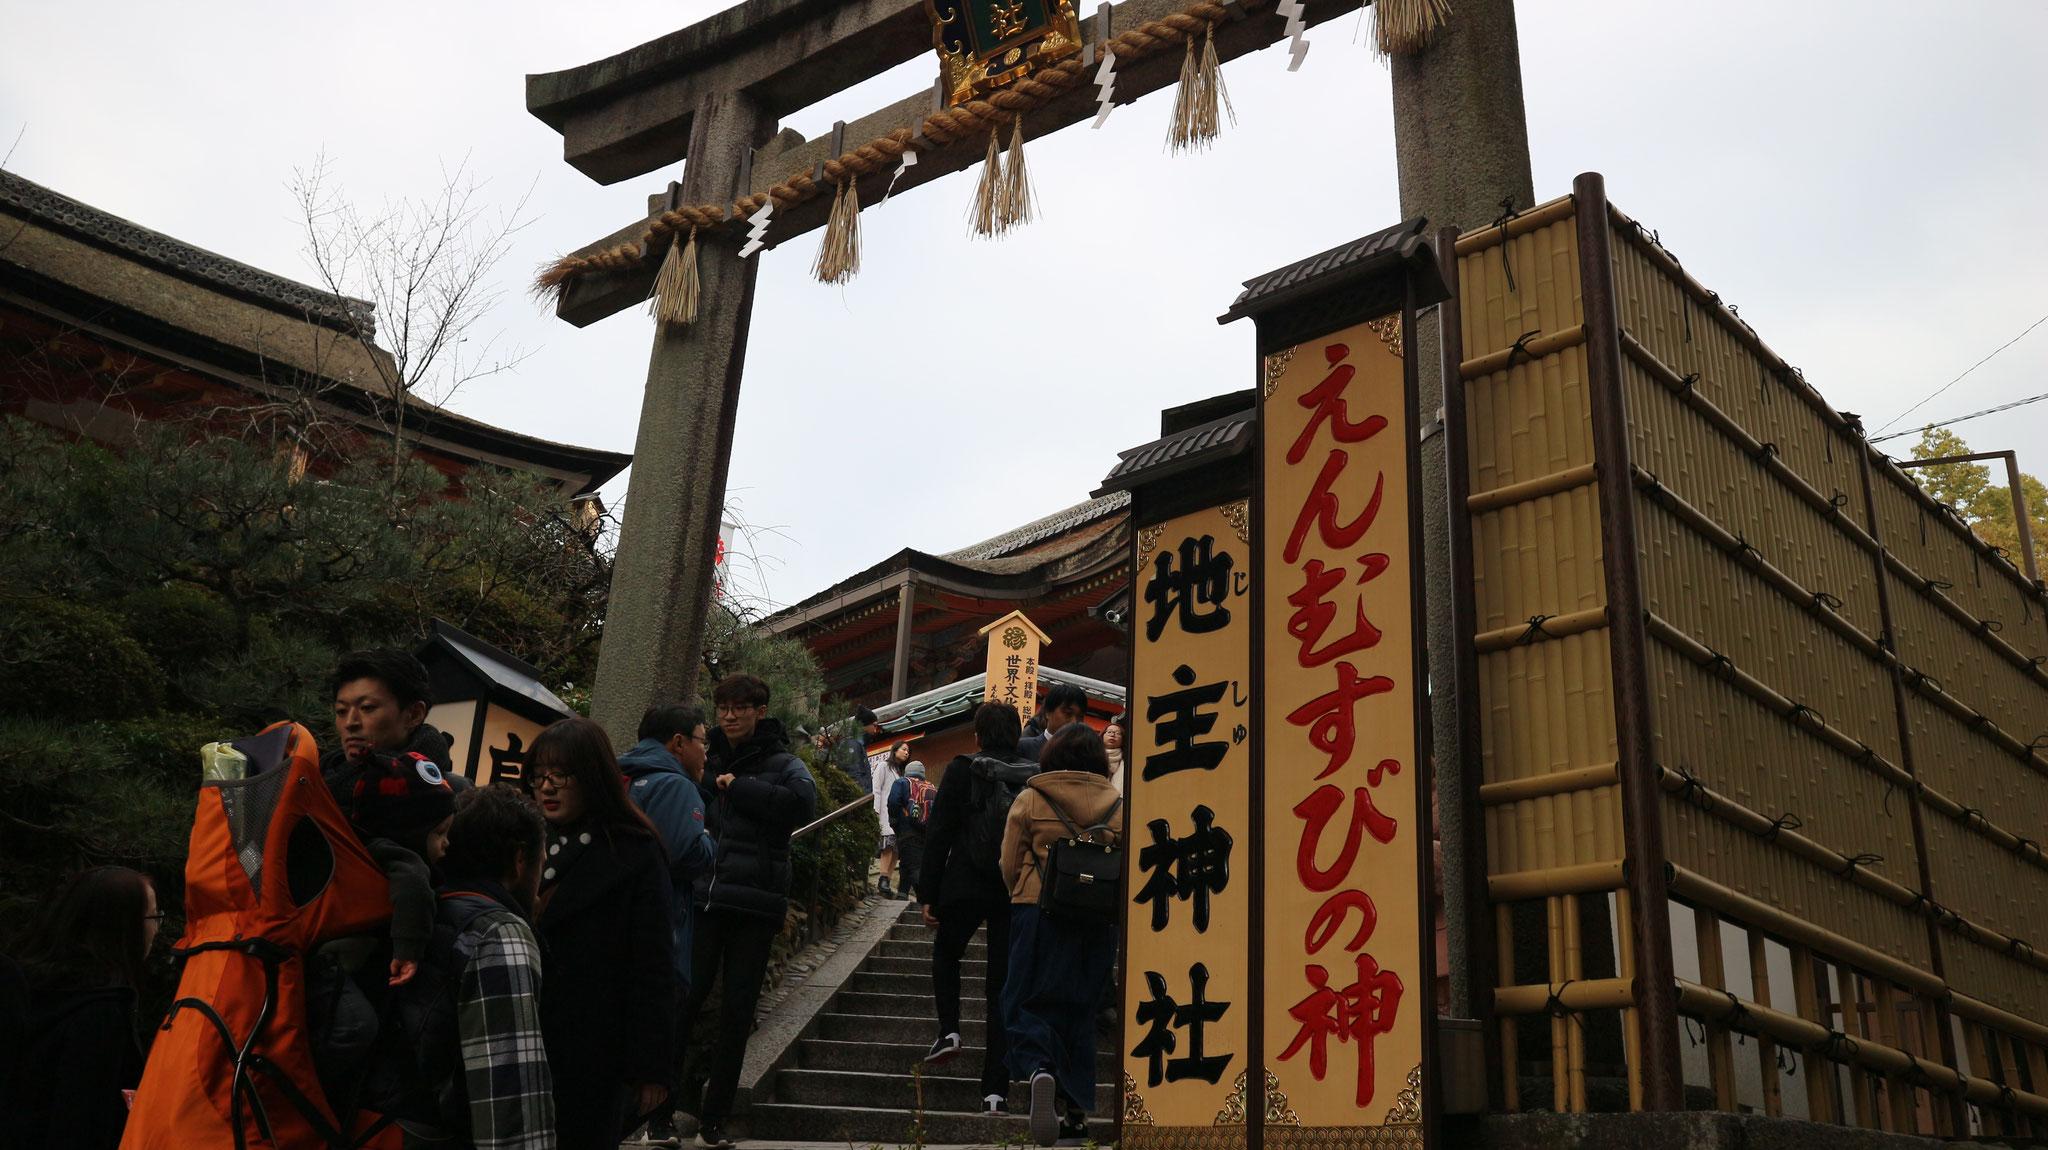 地主神社(じしゅじんじゃ)、元は清水さんの鎮守社